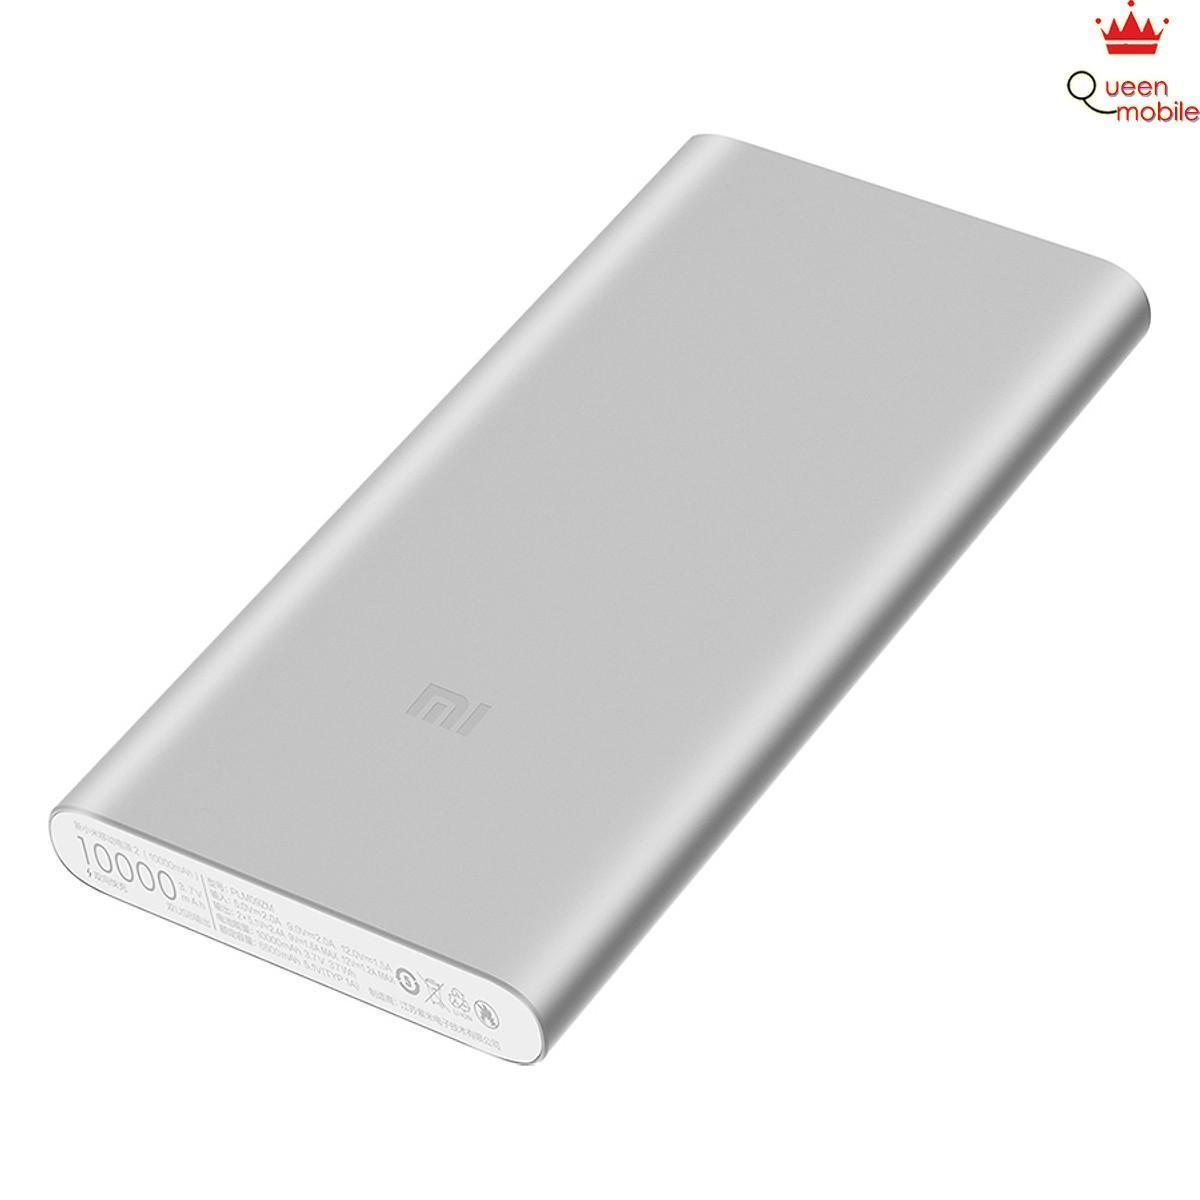 Pin Sạc Dự Phòng Xiaomi Gen 2S Version 2018 10000 mAh 2 Cổng USB Hỗ Trợ QC 3.0 - Bạc